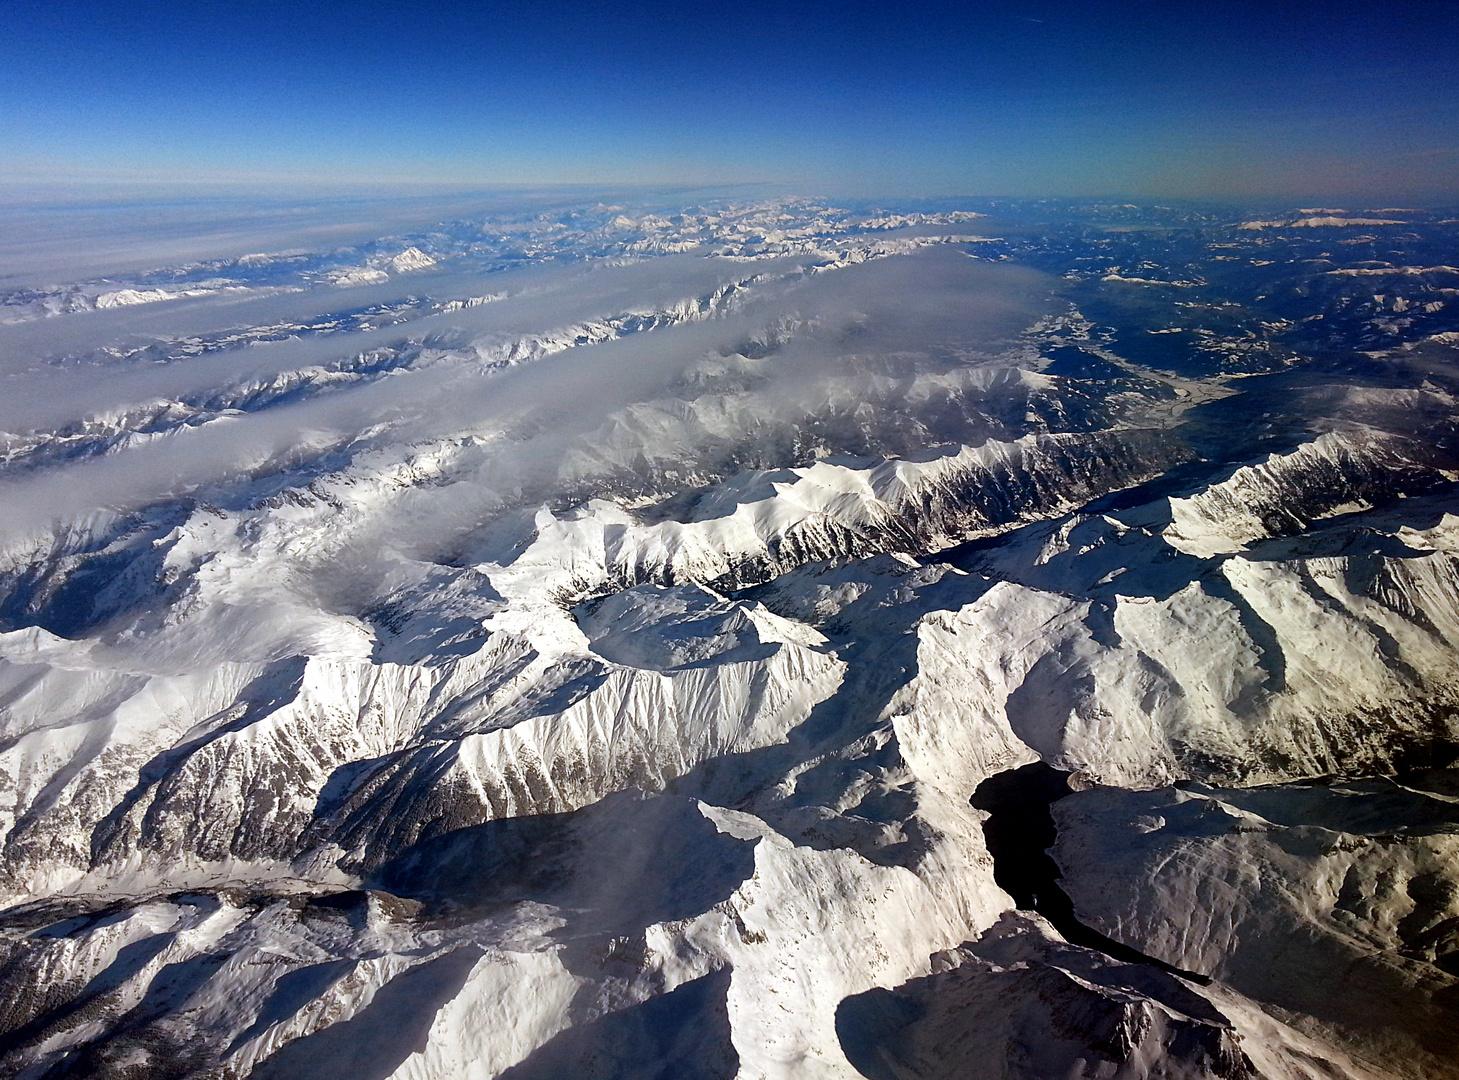 Alpenüberflug